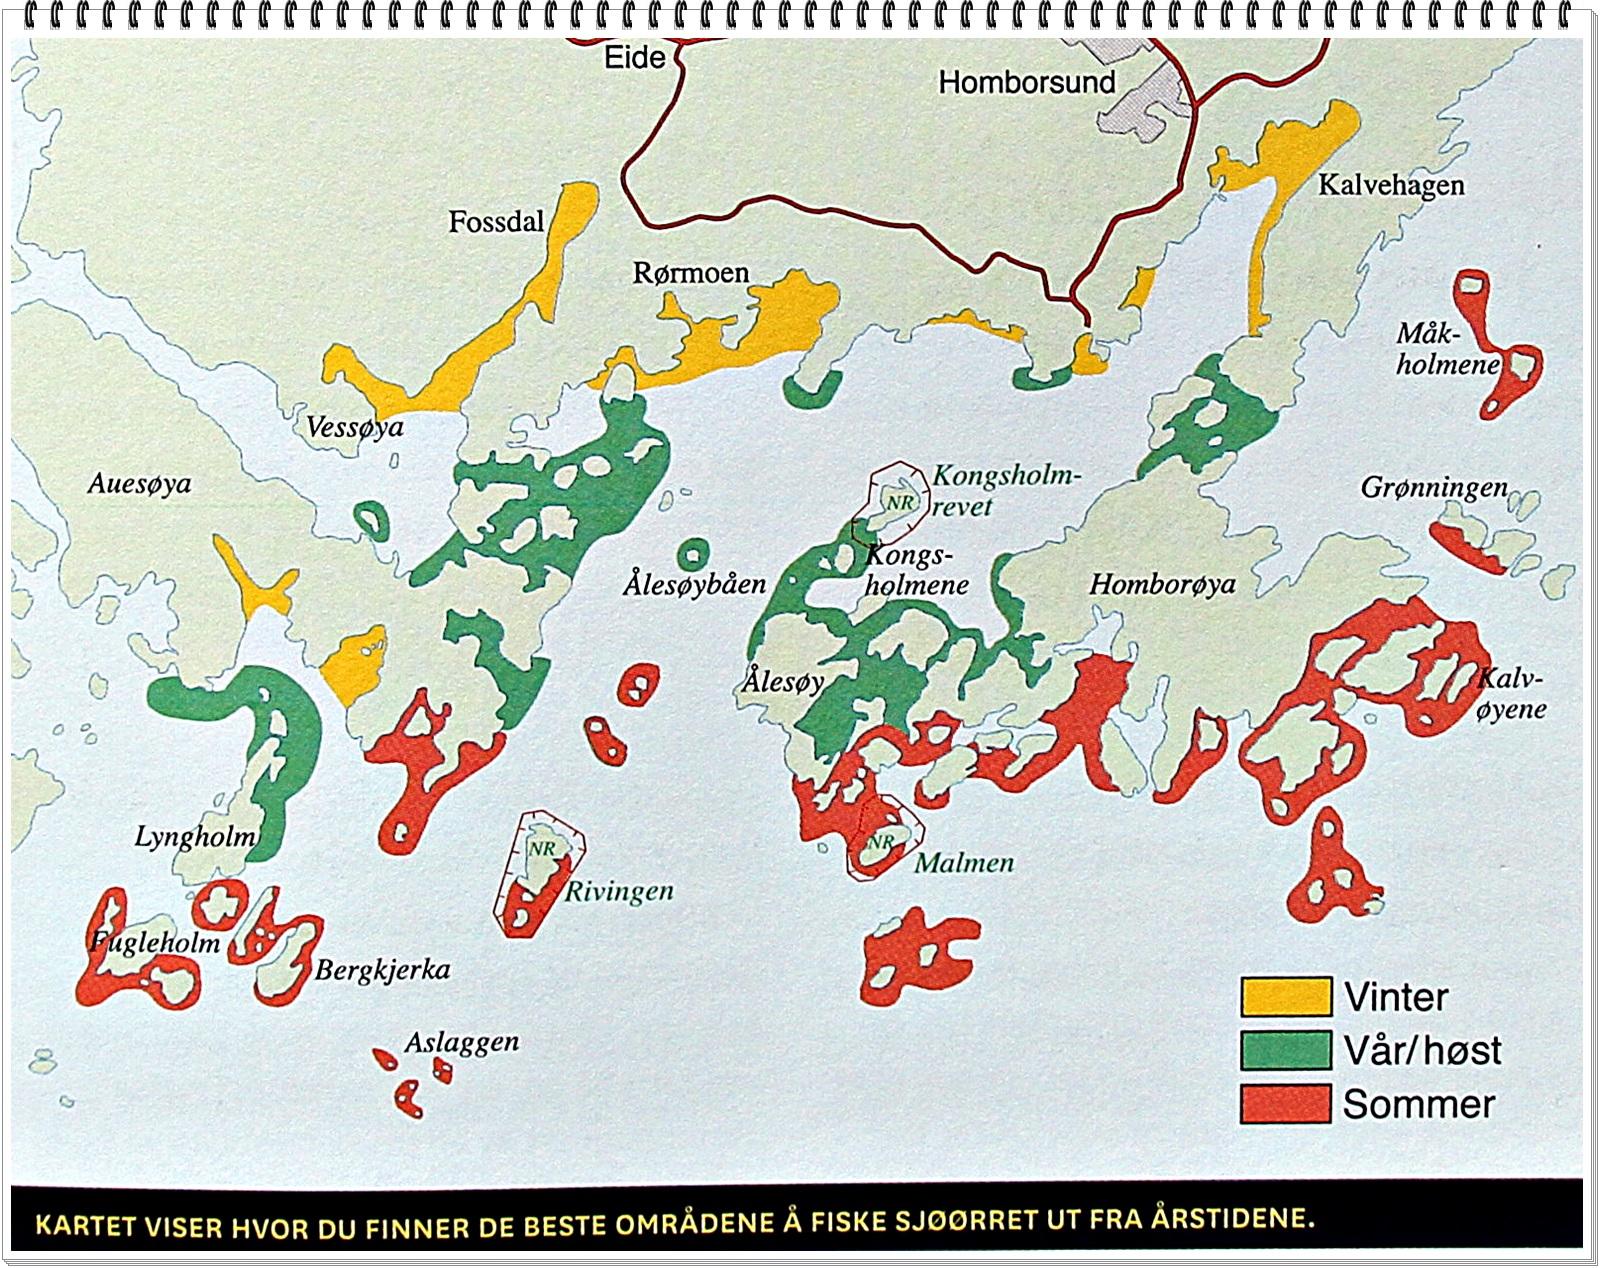 Gult=Vinterplasser Grønt=vår/høst Rødt=Sommerplasser Kart hentet i fra Sjøfiskehåndboka